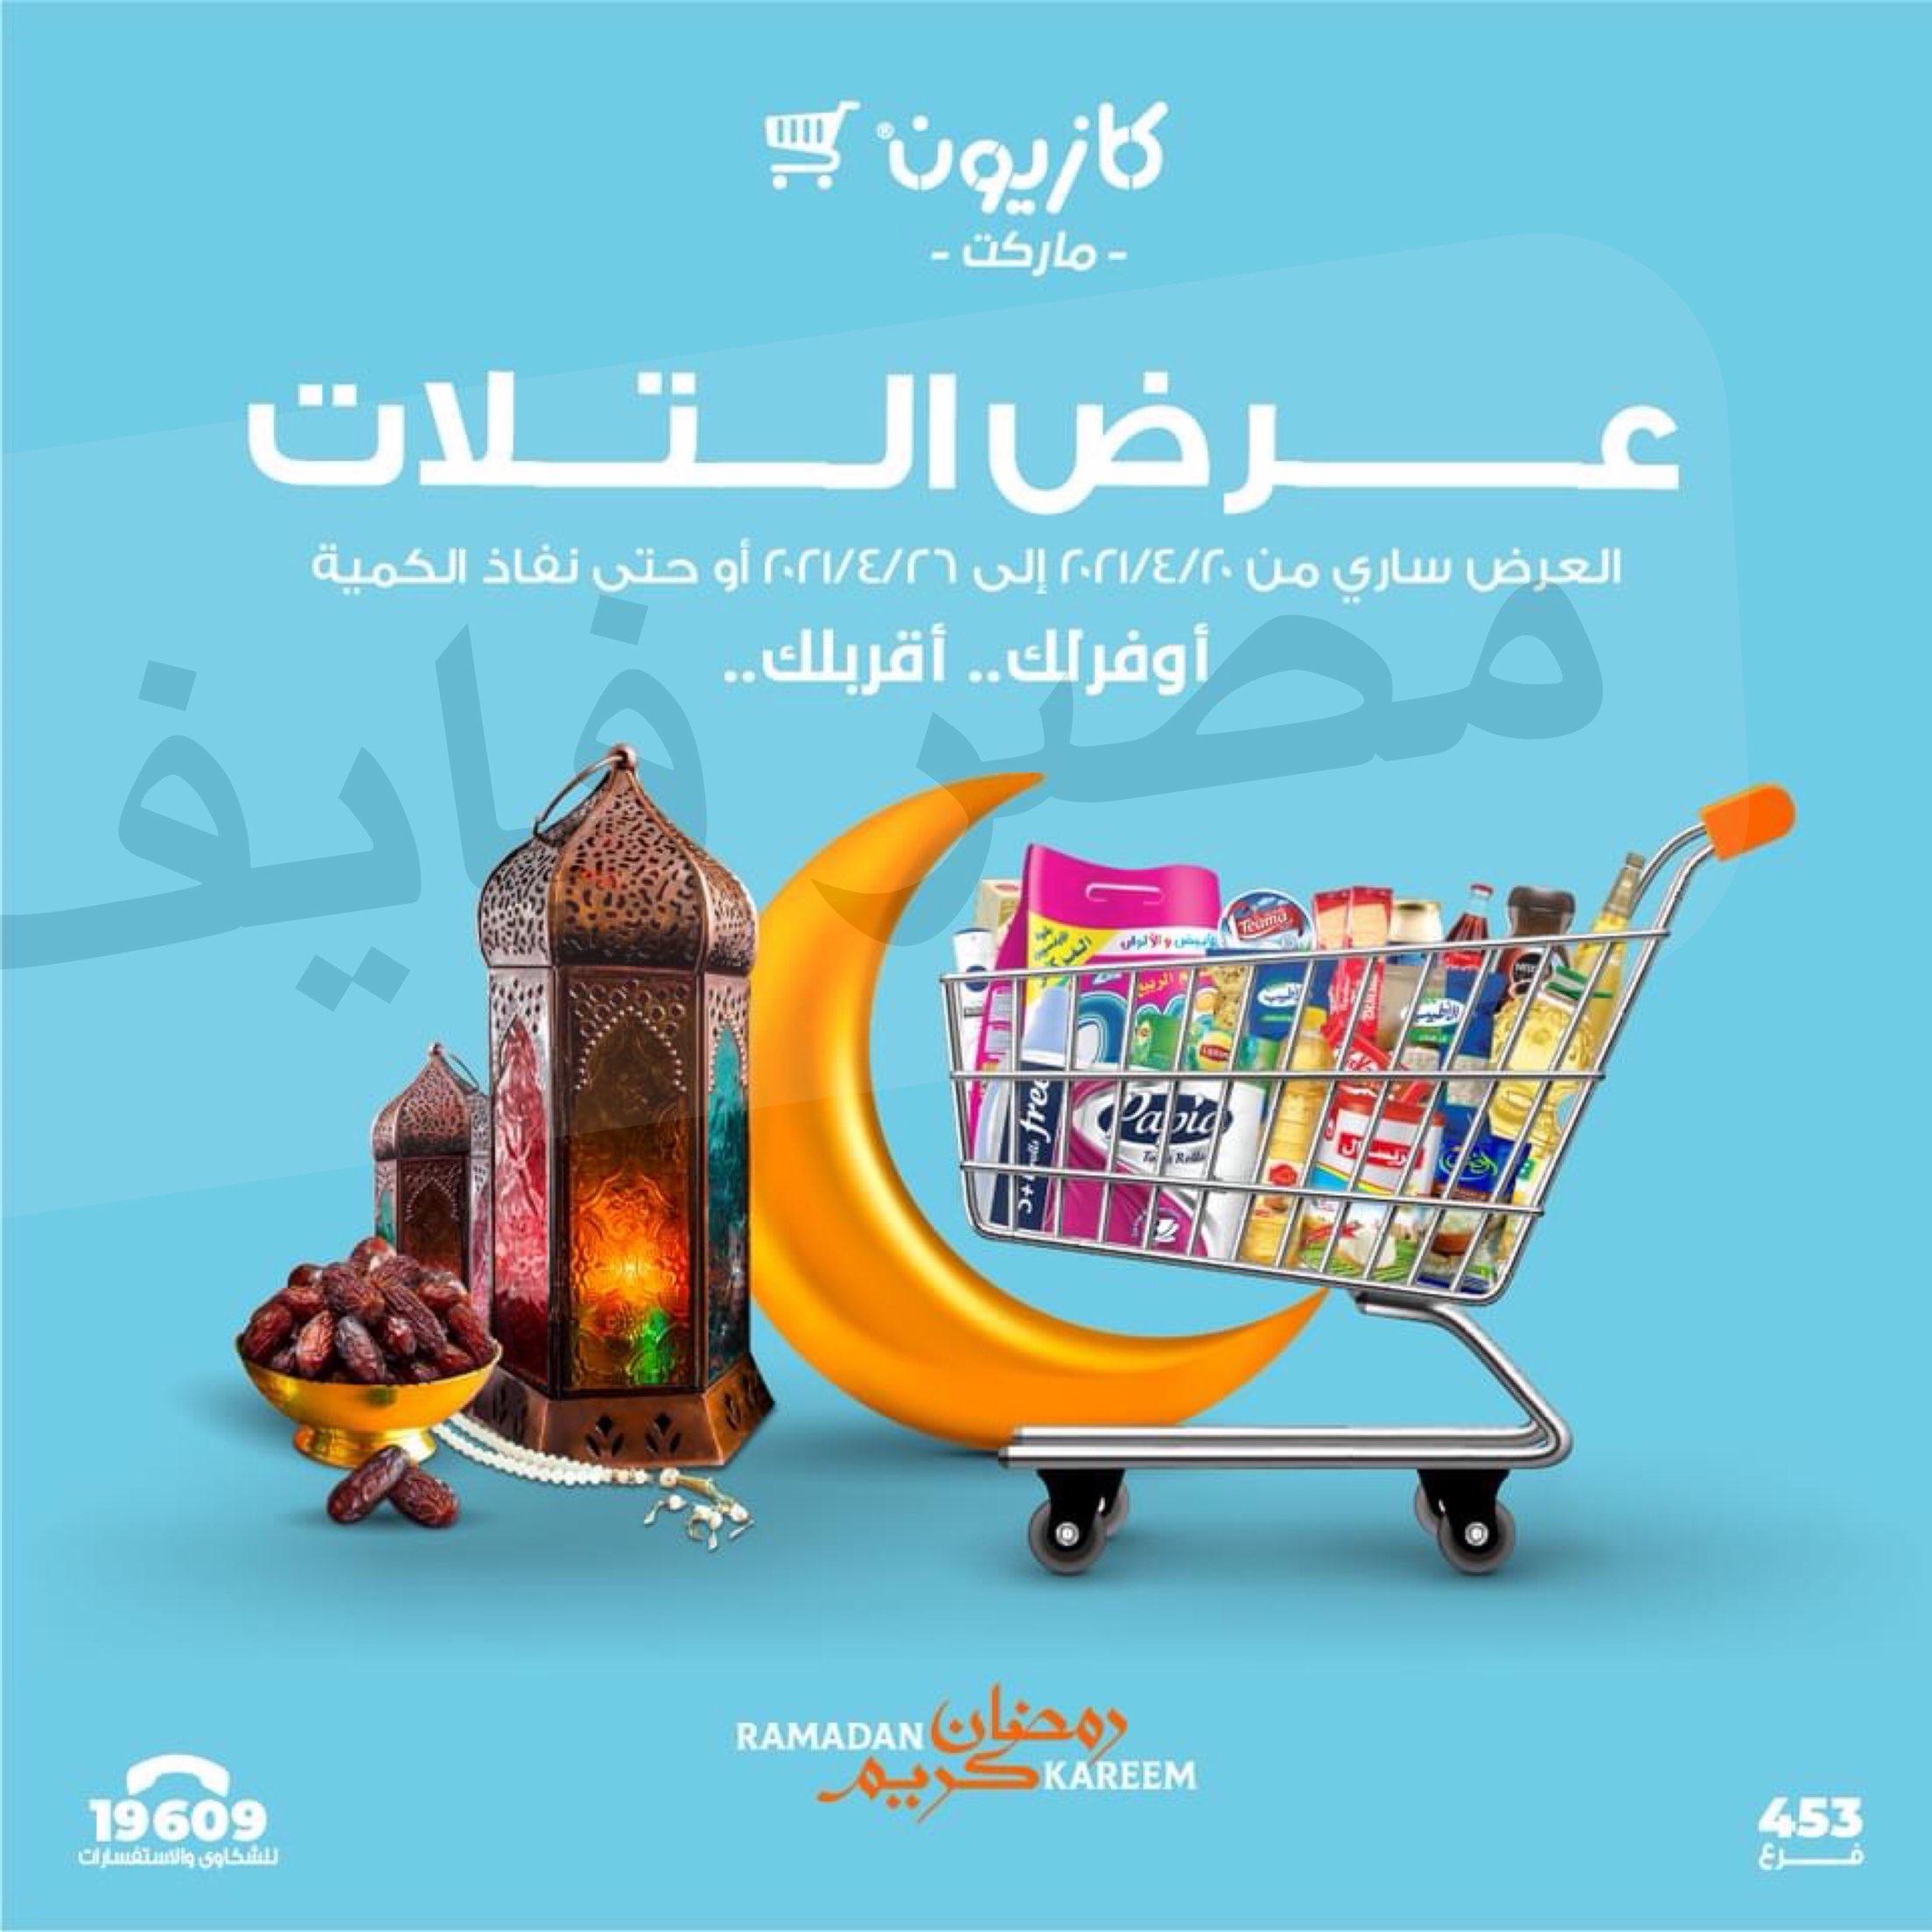 عروض كازيون ماركت من 20 إلي 26 ابريل الجاري 2021- رمضان كريم